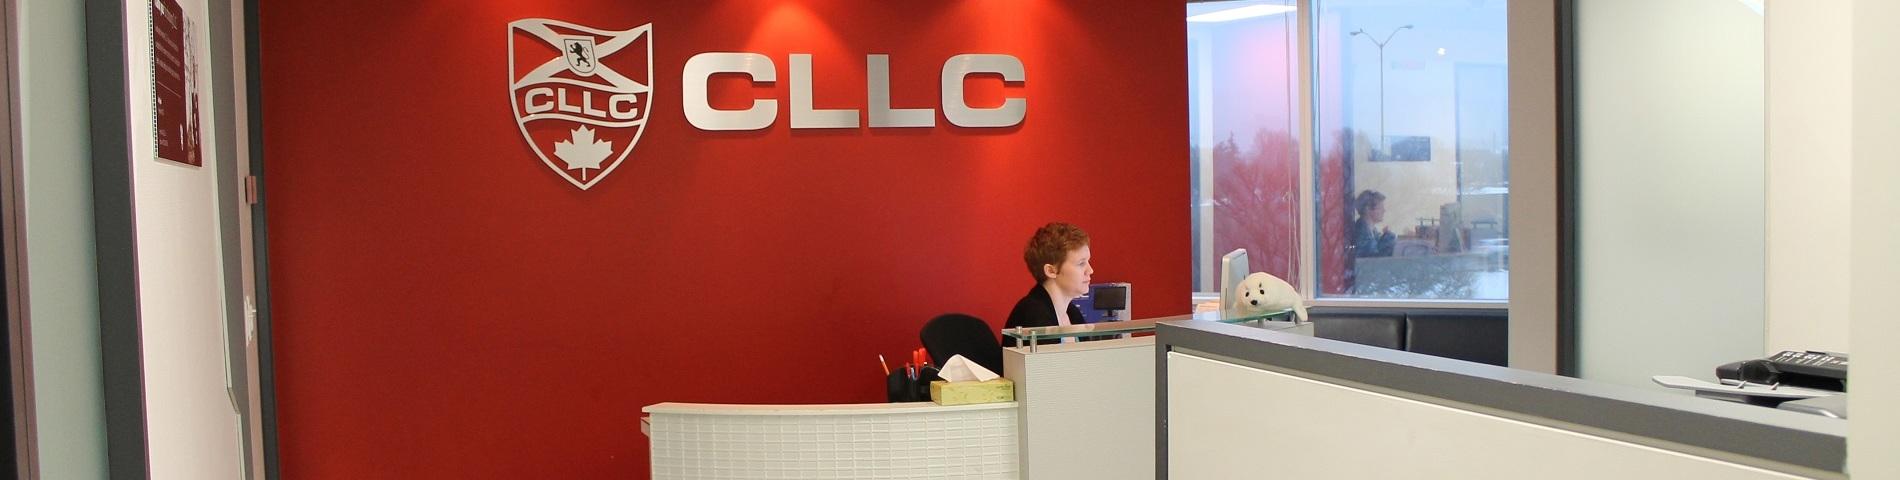 CLLC Canadian Language Learning College зображення 1